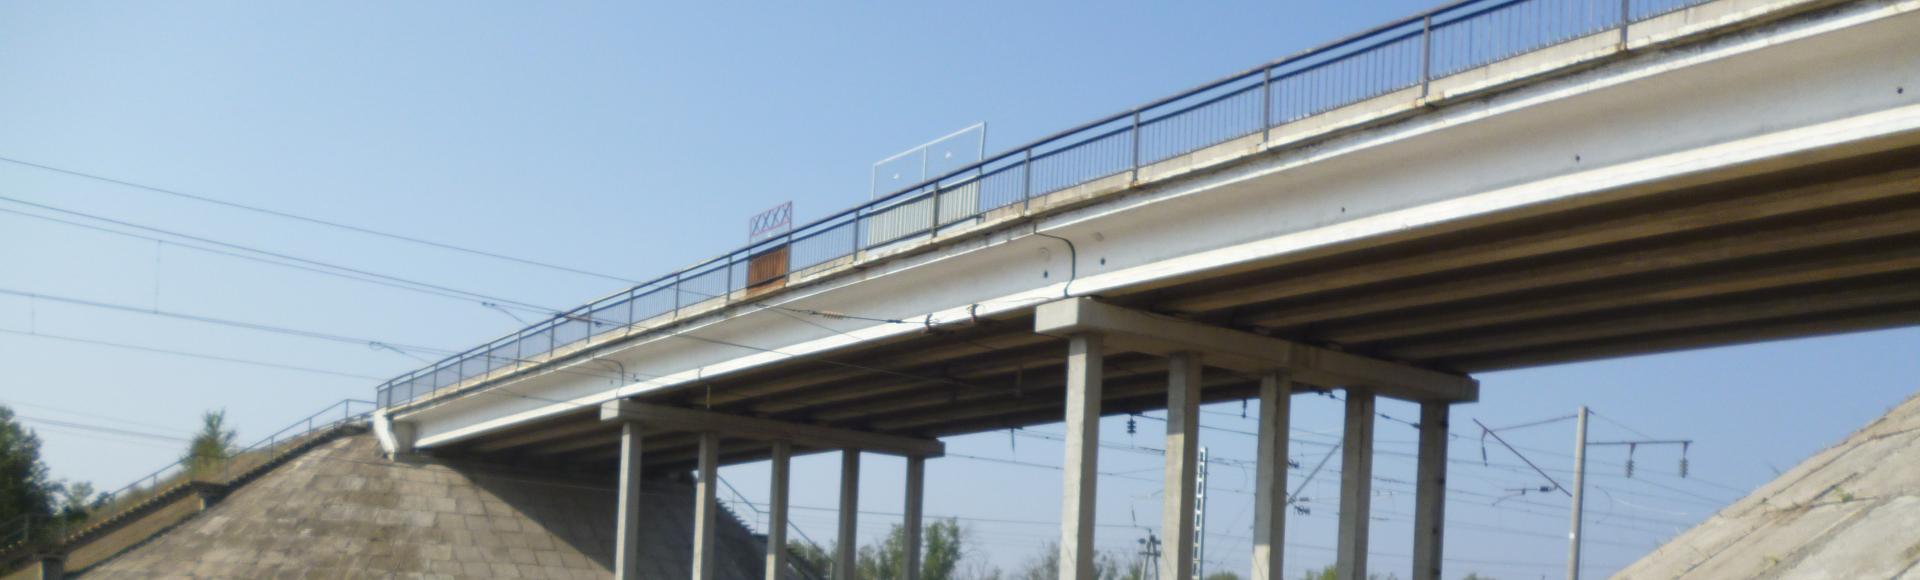 Автодорожные мосты